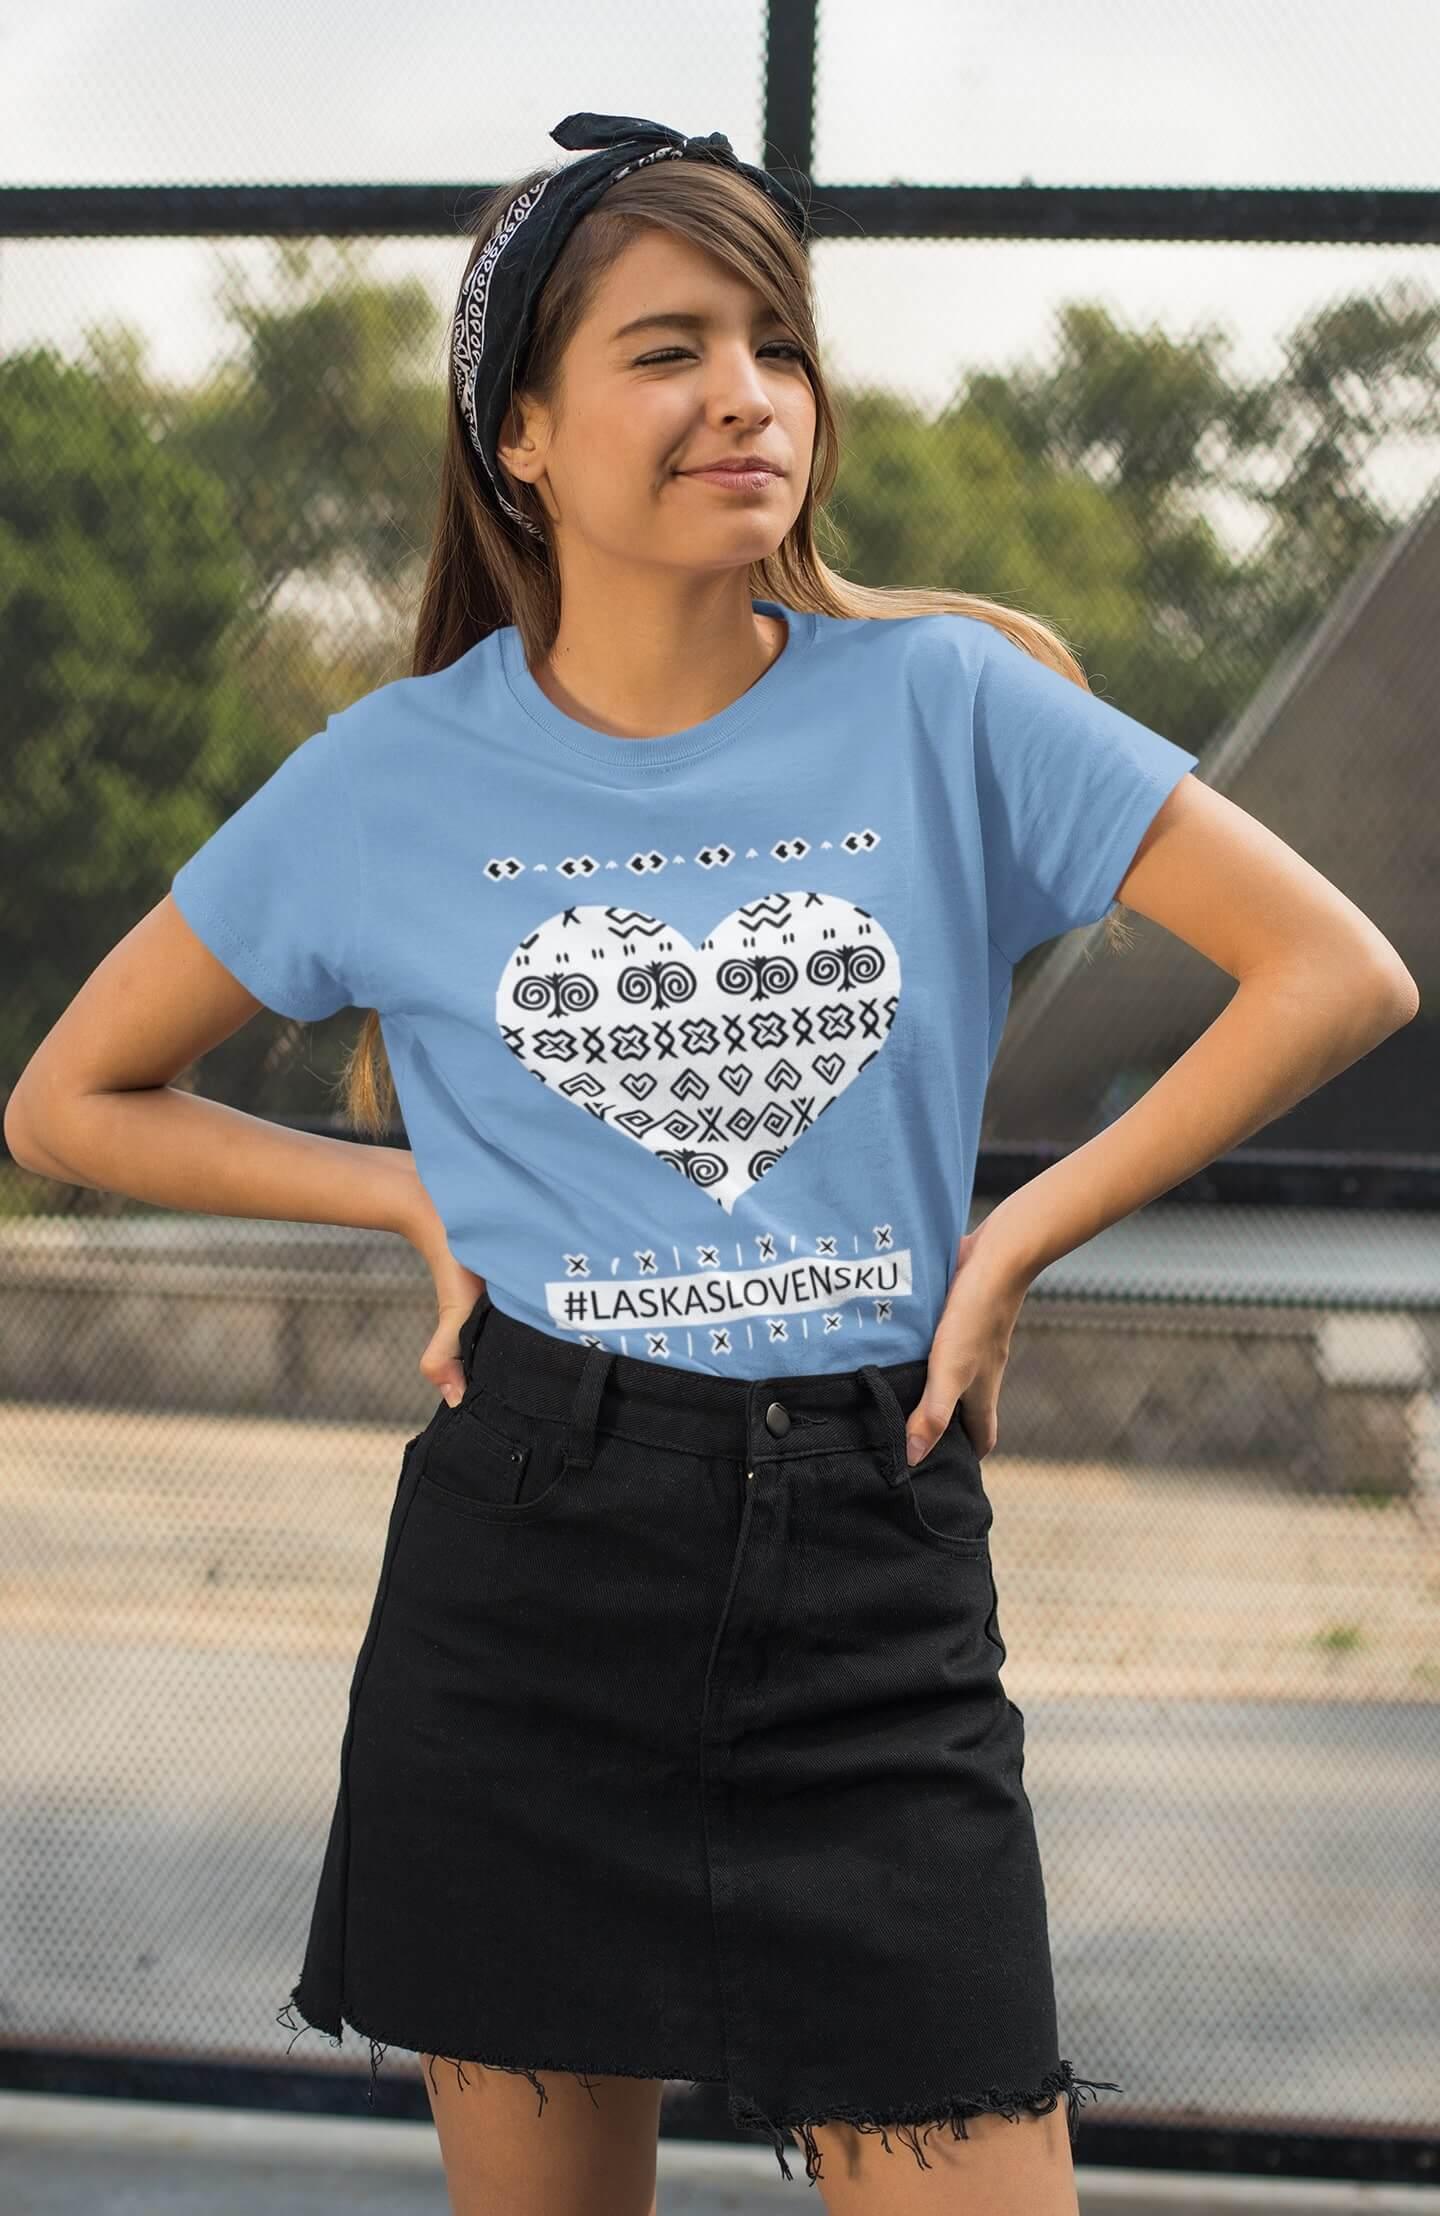 MMO Dámske tričko Láska Slovensku Vyberte farbu: Svetlomodrá, Vyberte veľkosť: XS